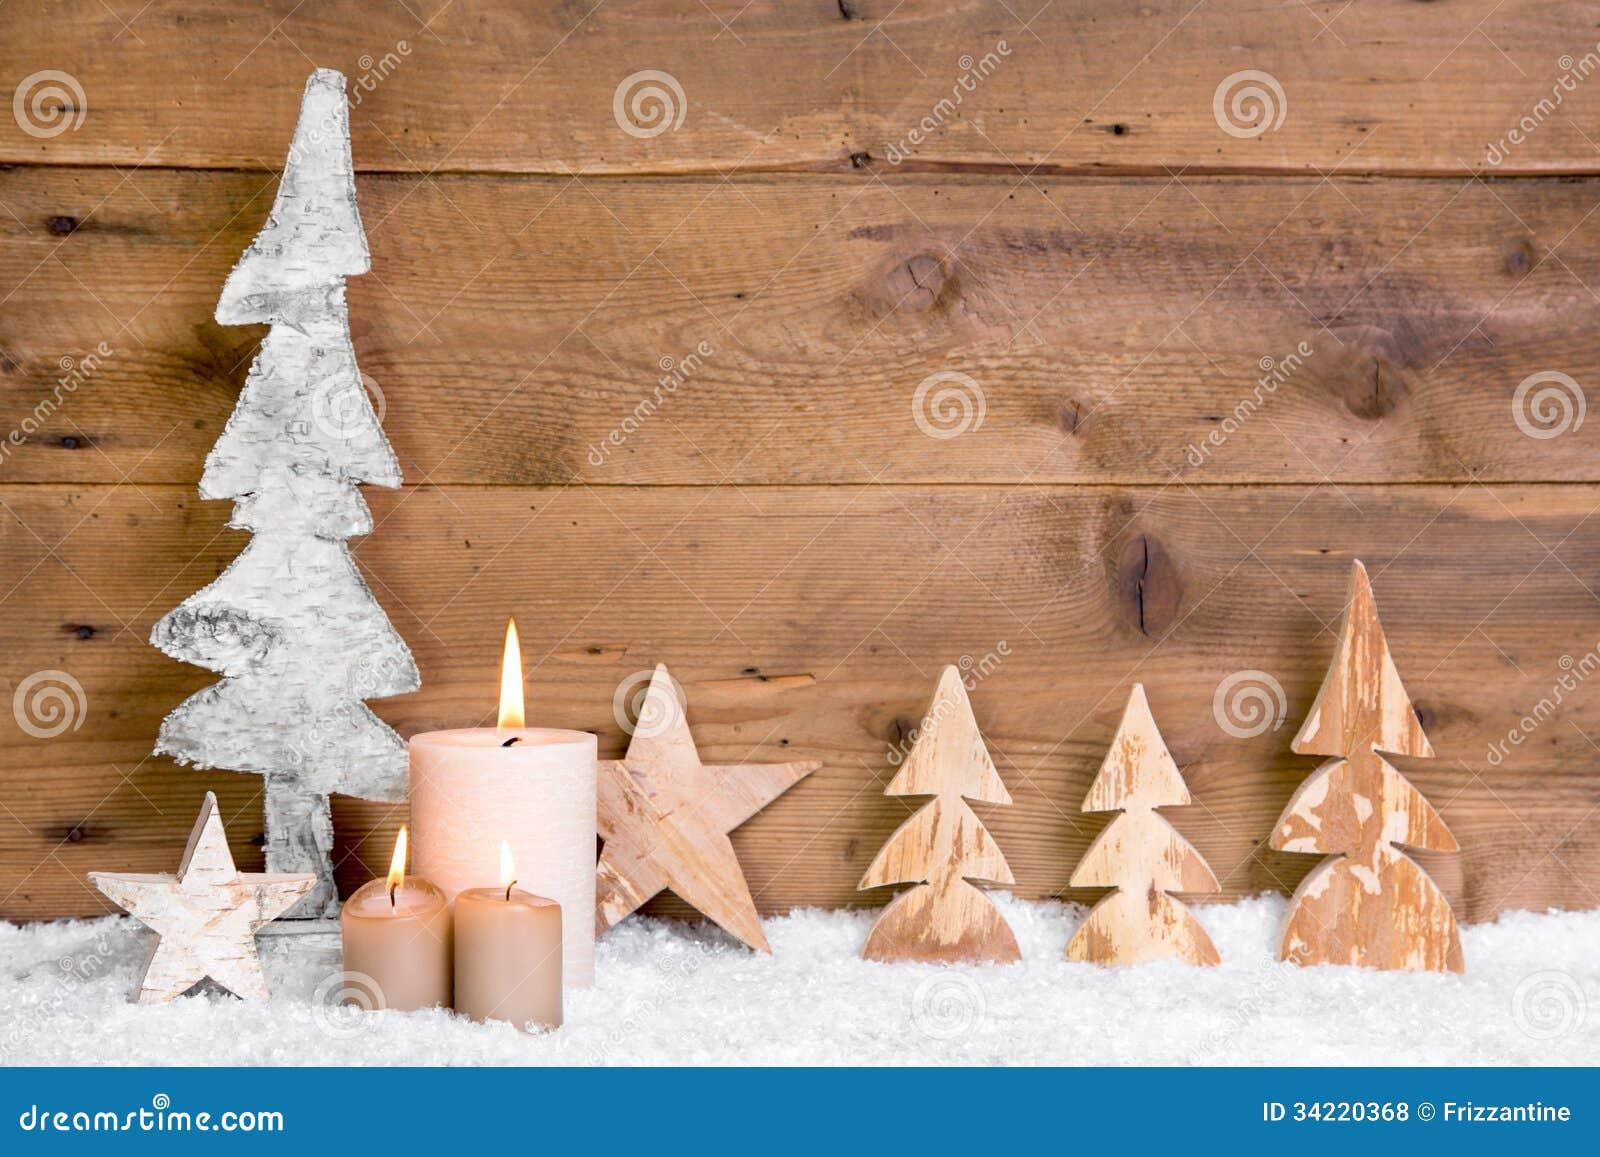 #85A724 Décoration De Noël : Arbres étoiles Bougies Et Neige En  5345 décorations de noel bois 1300x957 px @ aertt.com